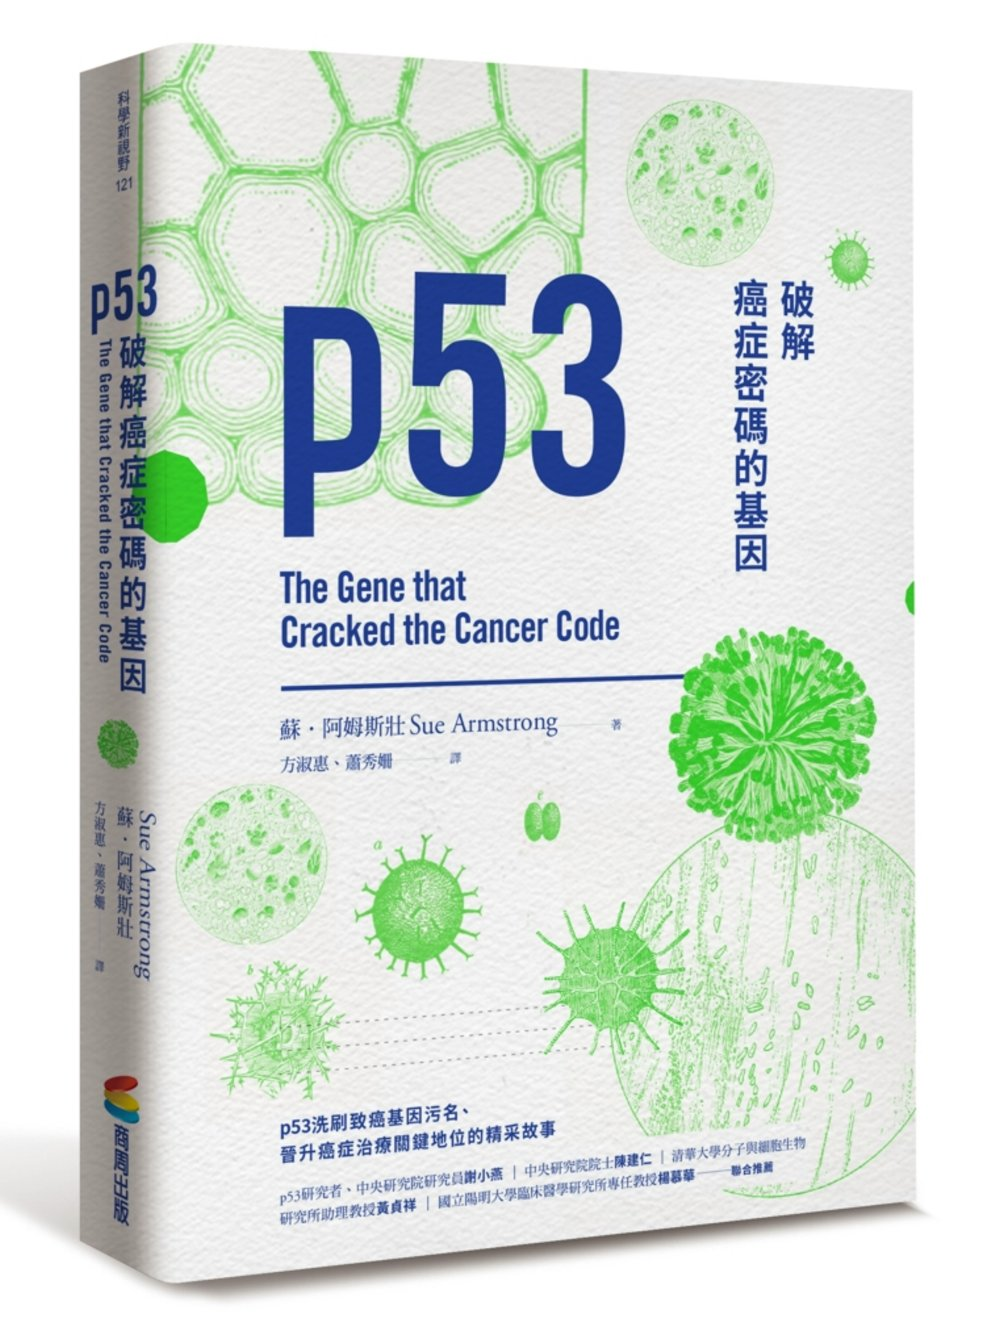 破解癌症密碼的基因